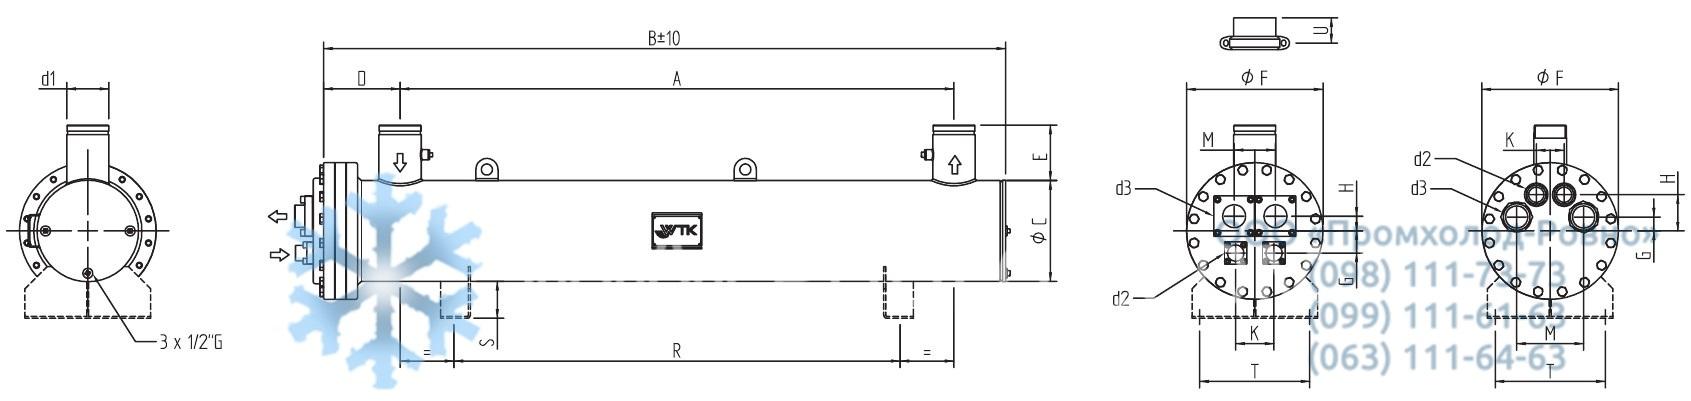 Кожухотрубный испаритель WTK DCE 343 Артём Уплотнения теплообменника Sondex SDN356 Глазов